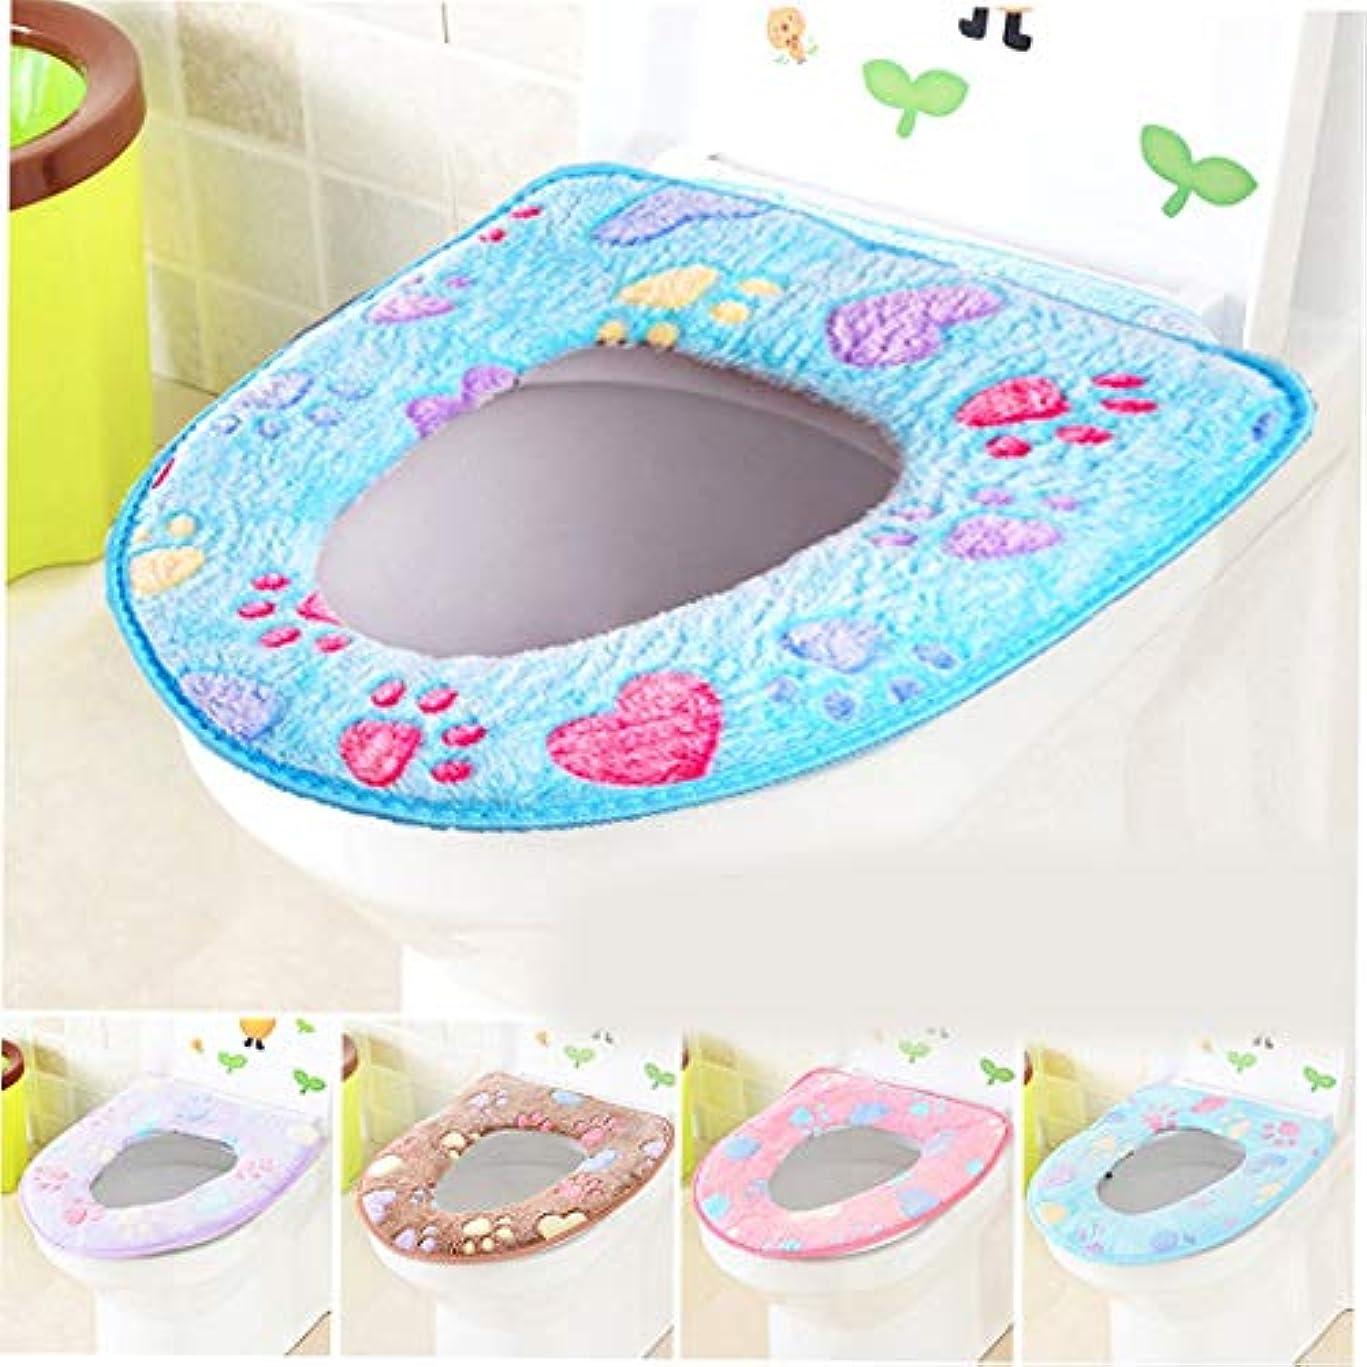 ヘルメットイチゴブレークSwiftgood トイレマット浴室柔らかく厚い暖かい便座カバーパッド伸縮性洗える布トイレ便座クッション